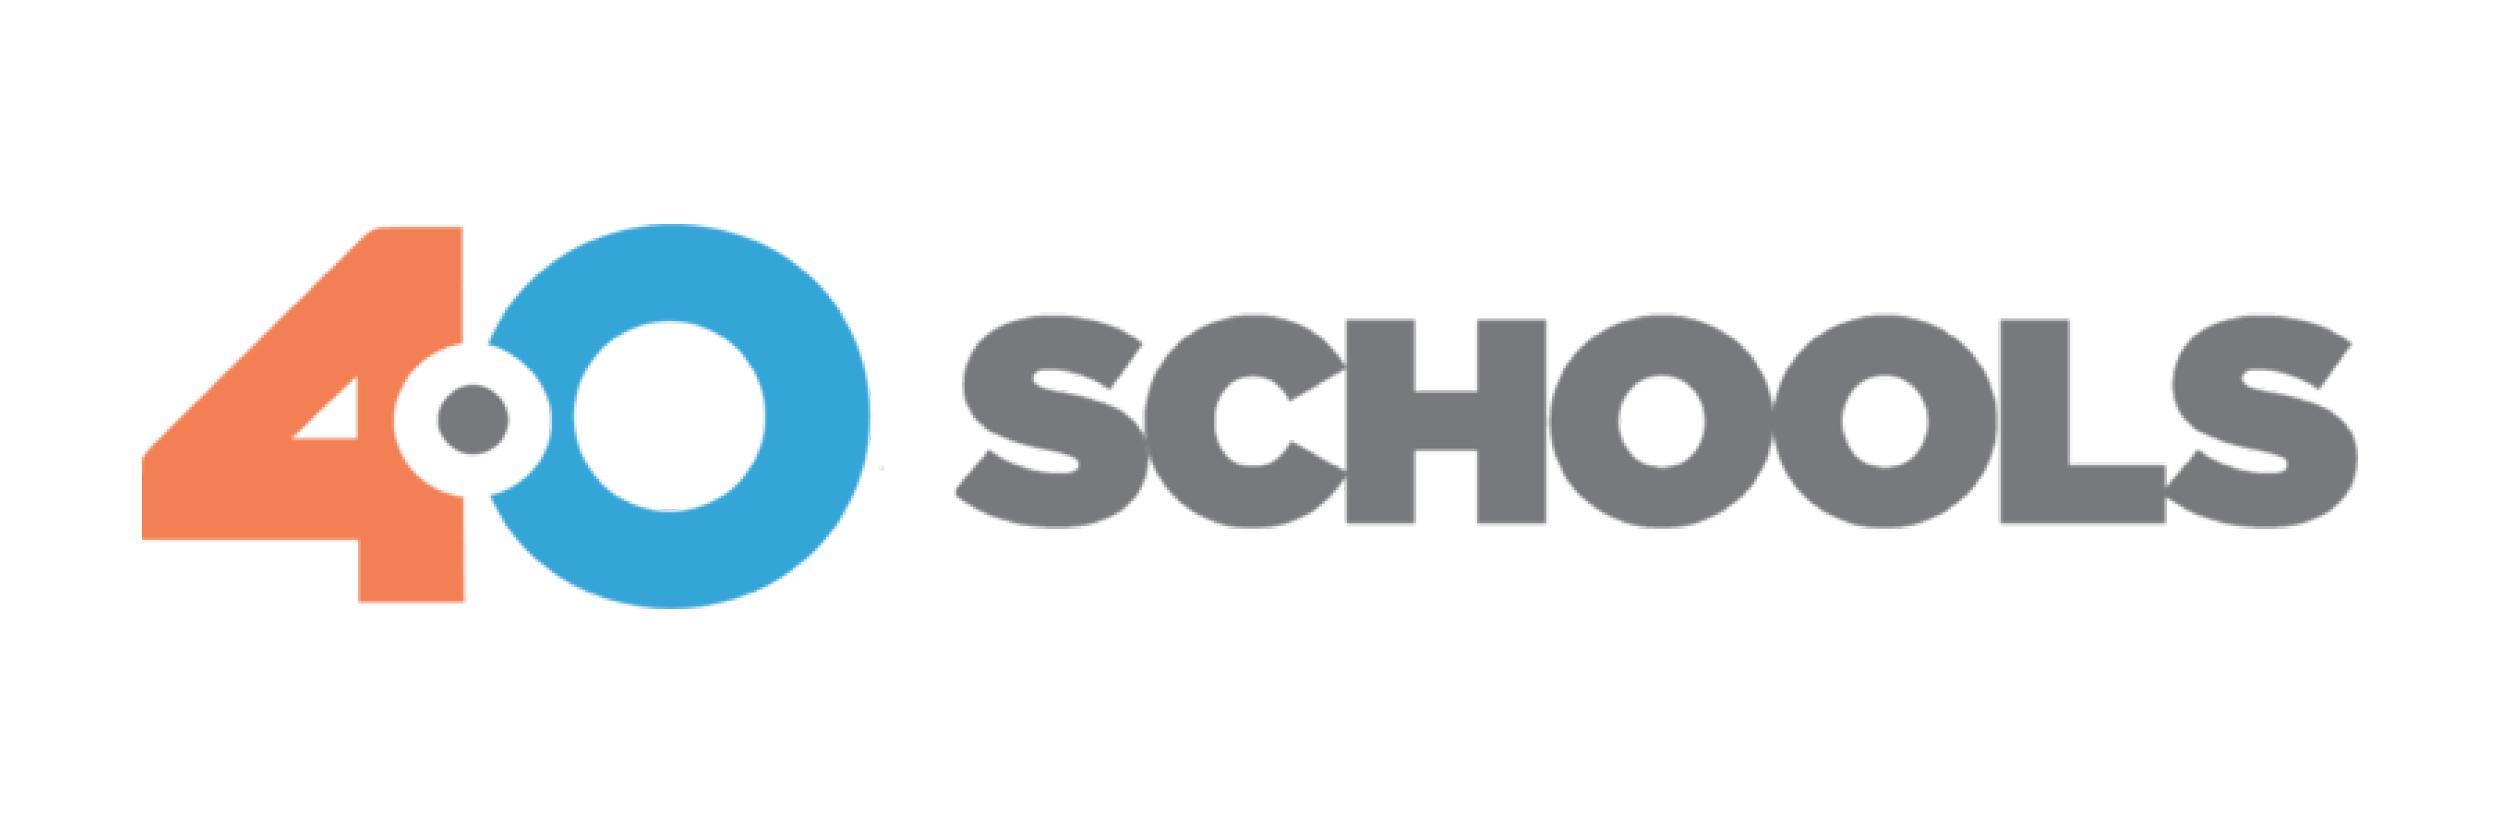 Sponsor logos2.jpg